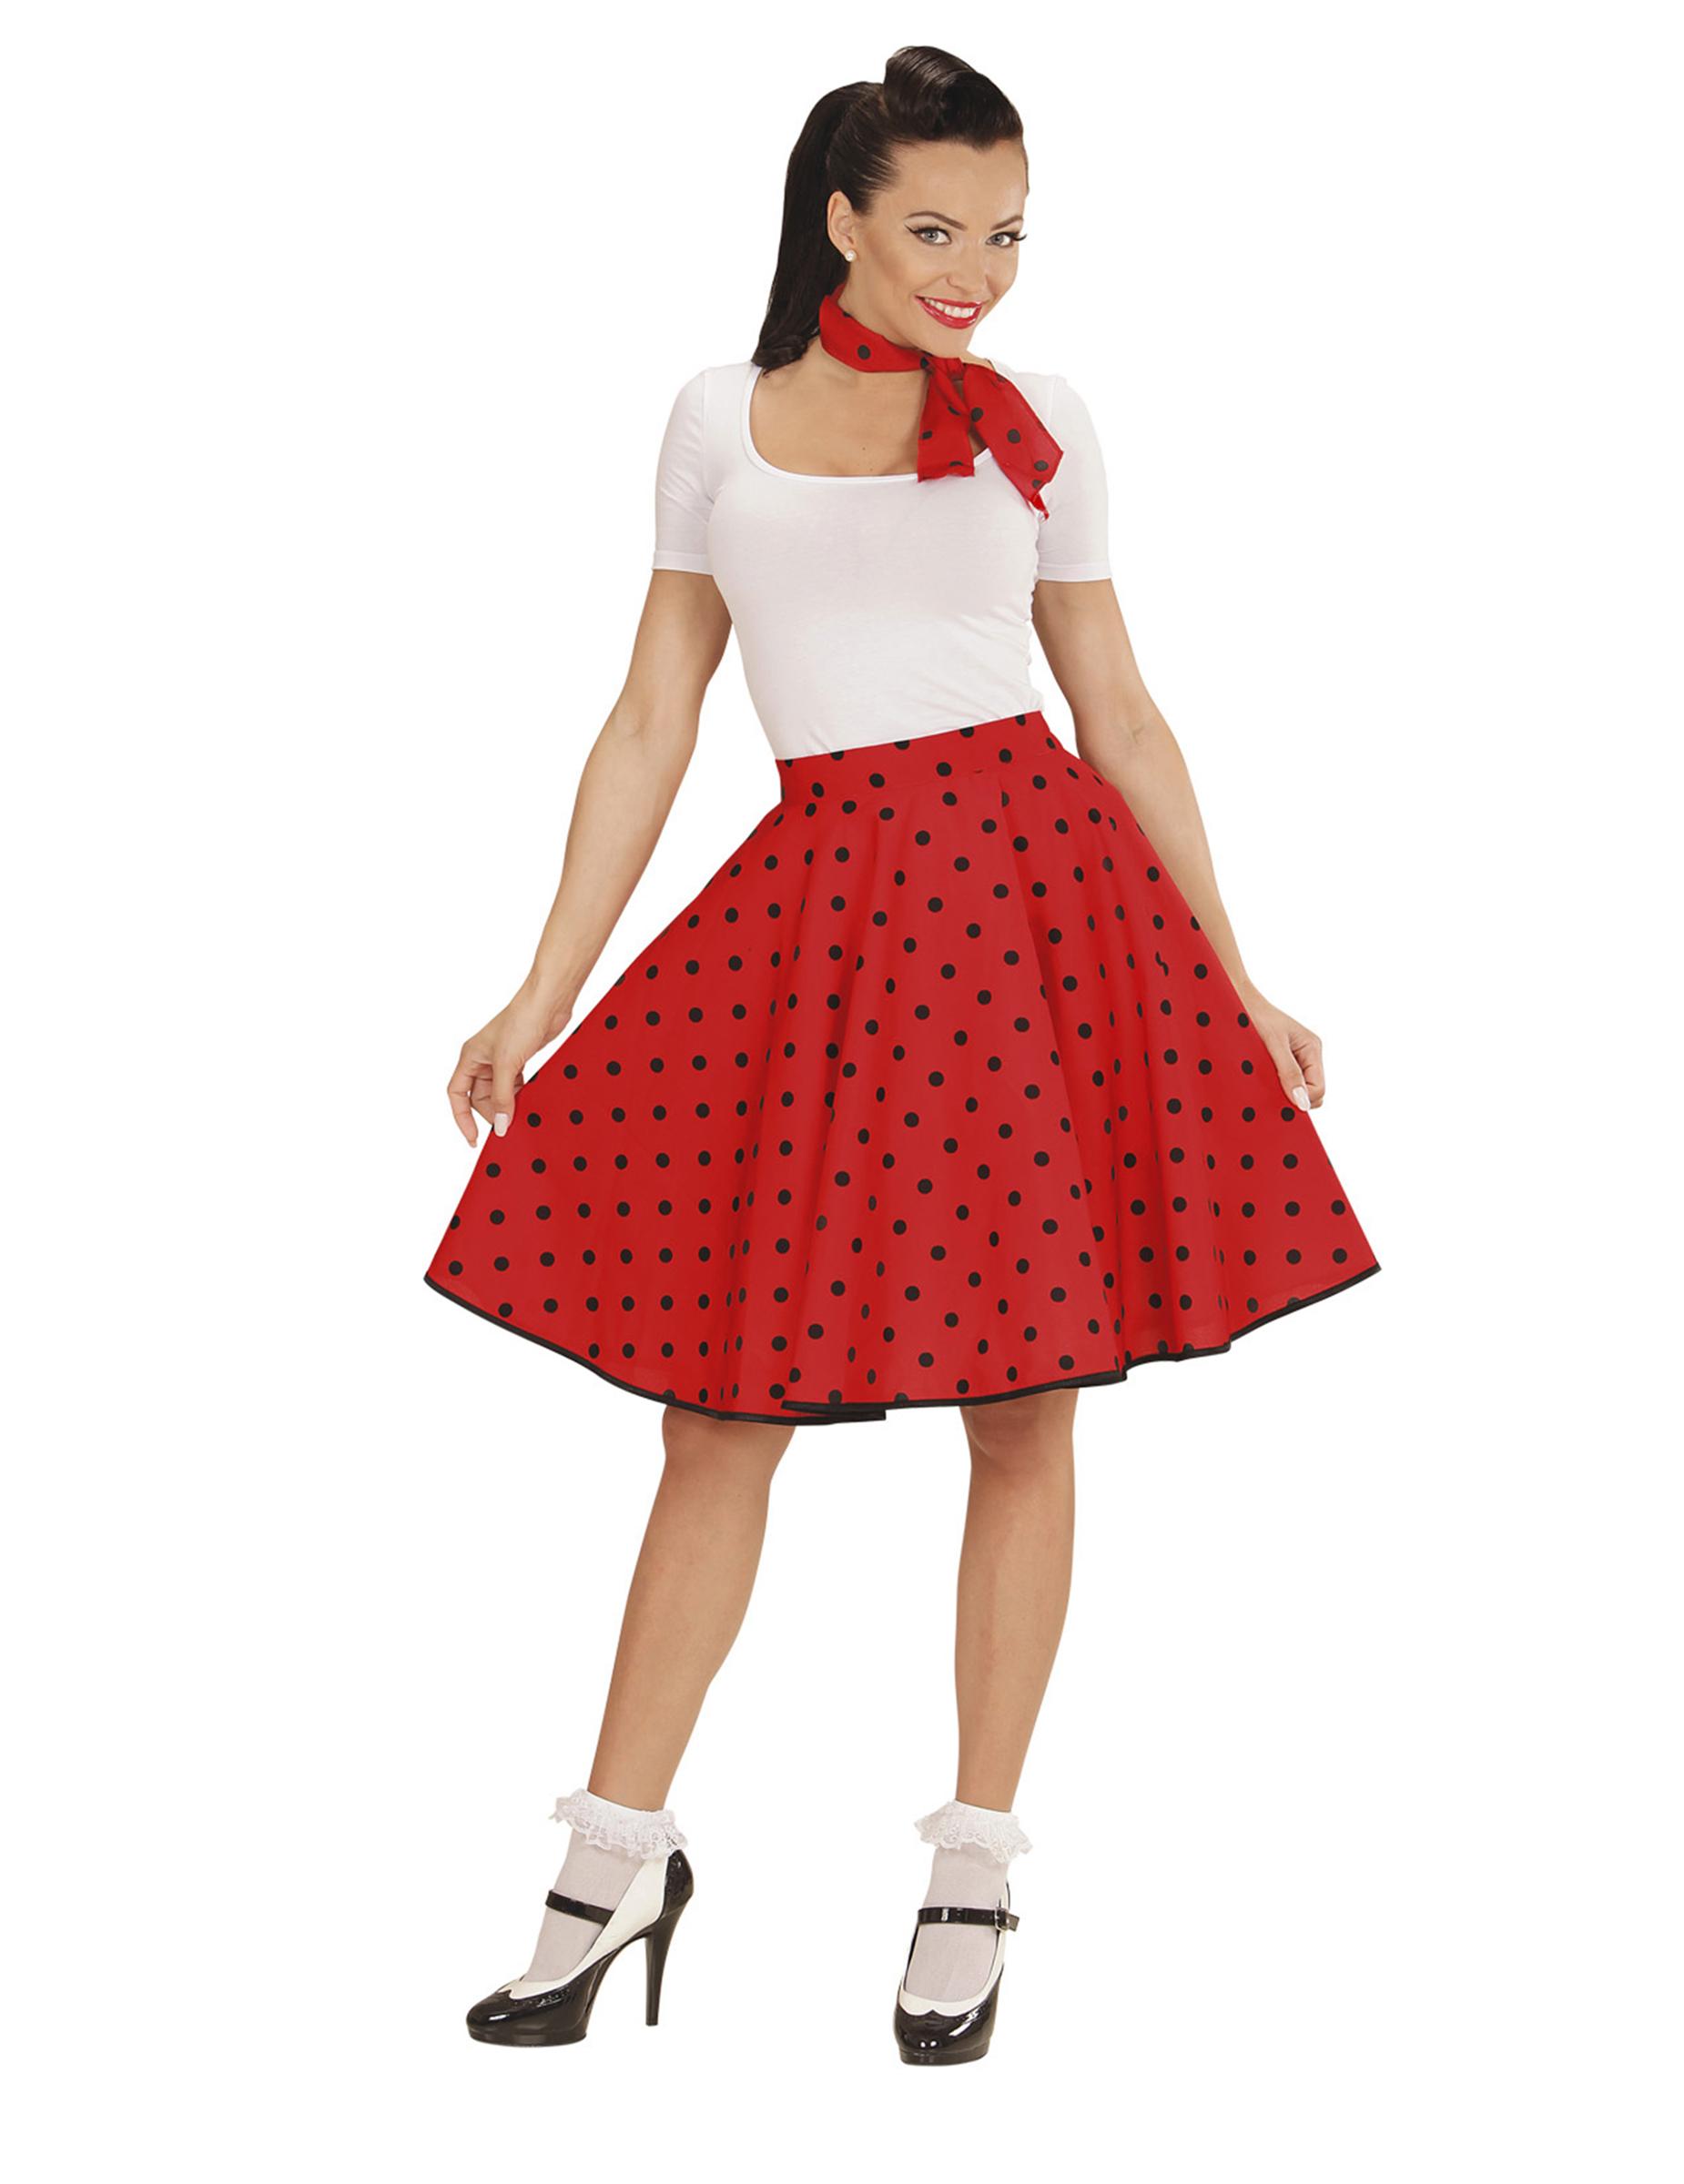 Aperçu de la mode des années 50